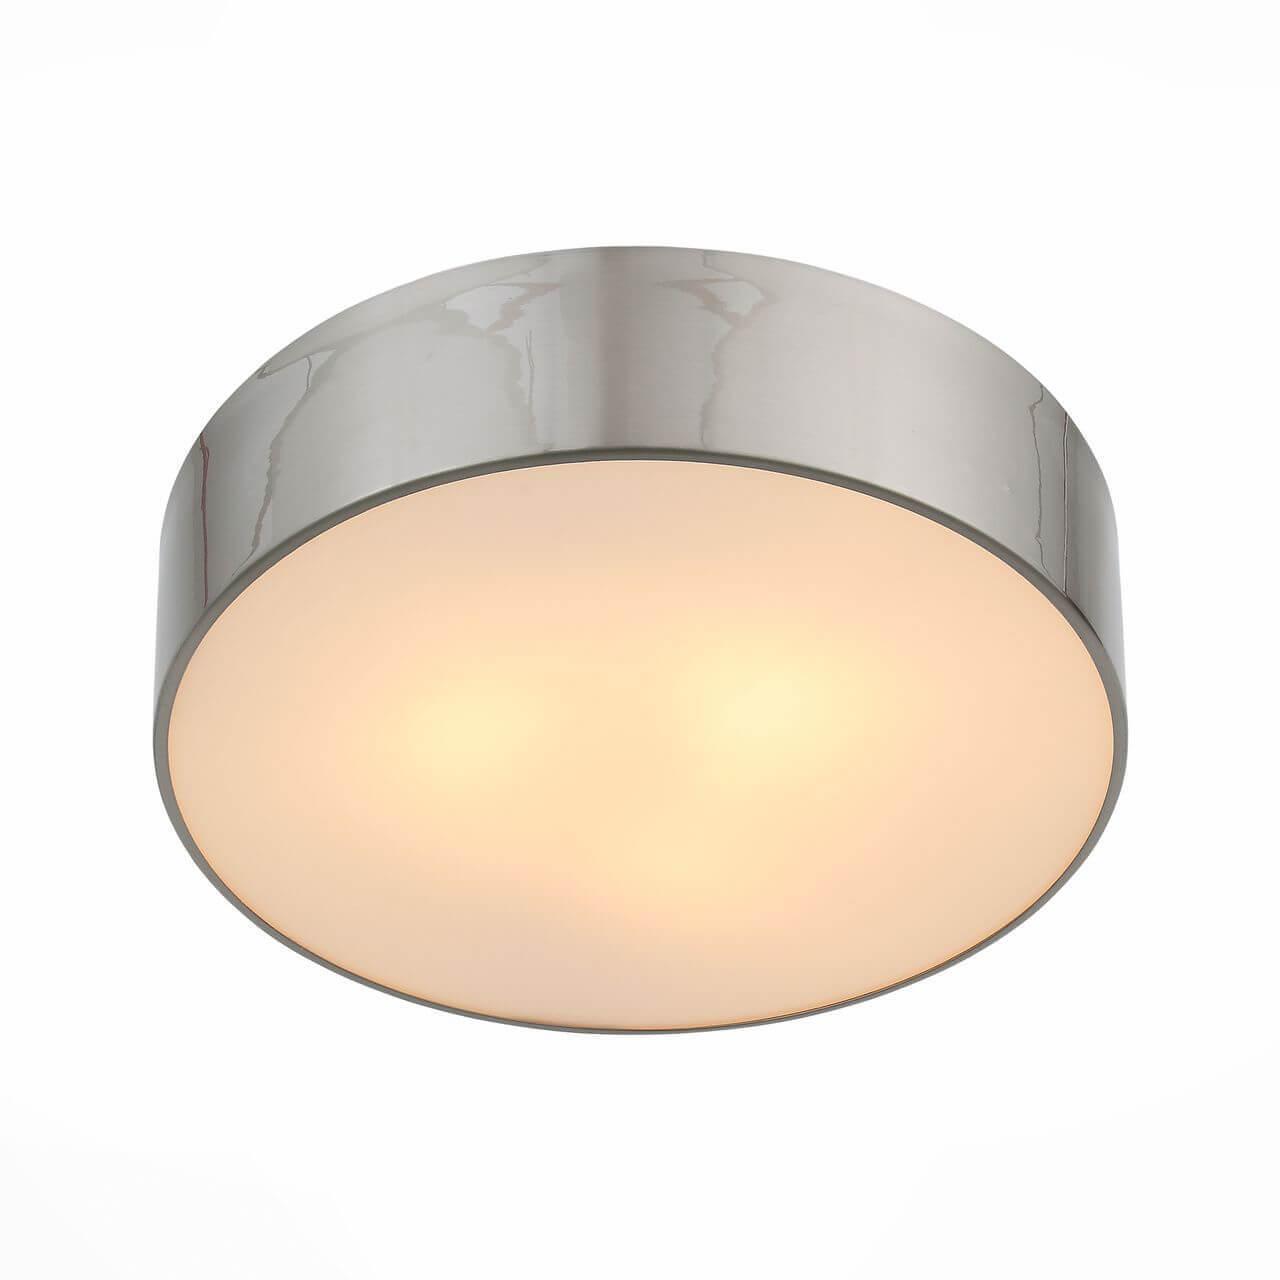 Потолочный светильник ST Luce Bagno SL468.502.01 st luce потолочный светильник st luce bagno sl496 502 03